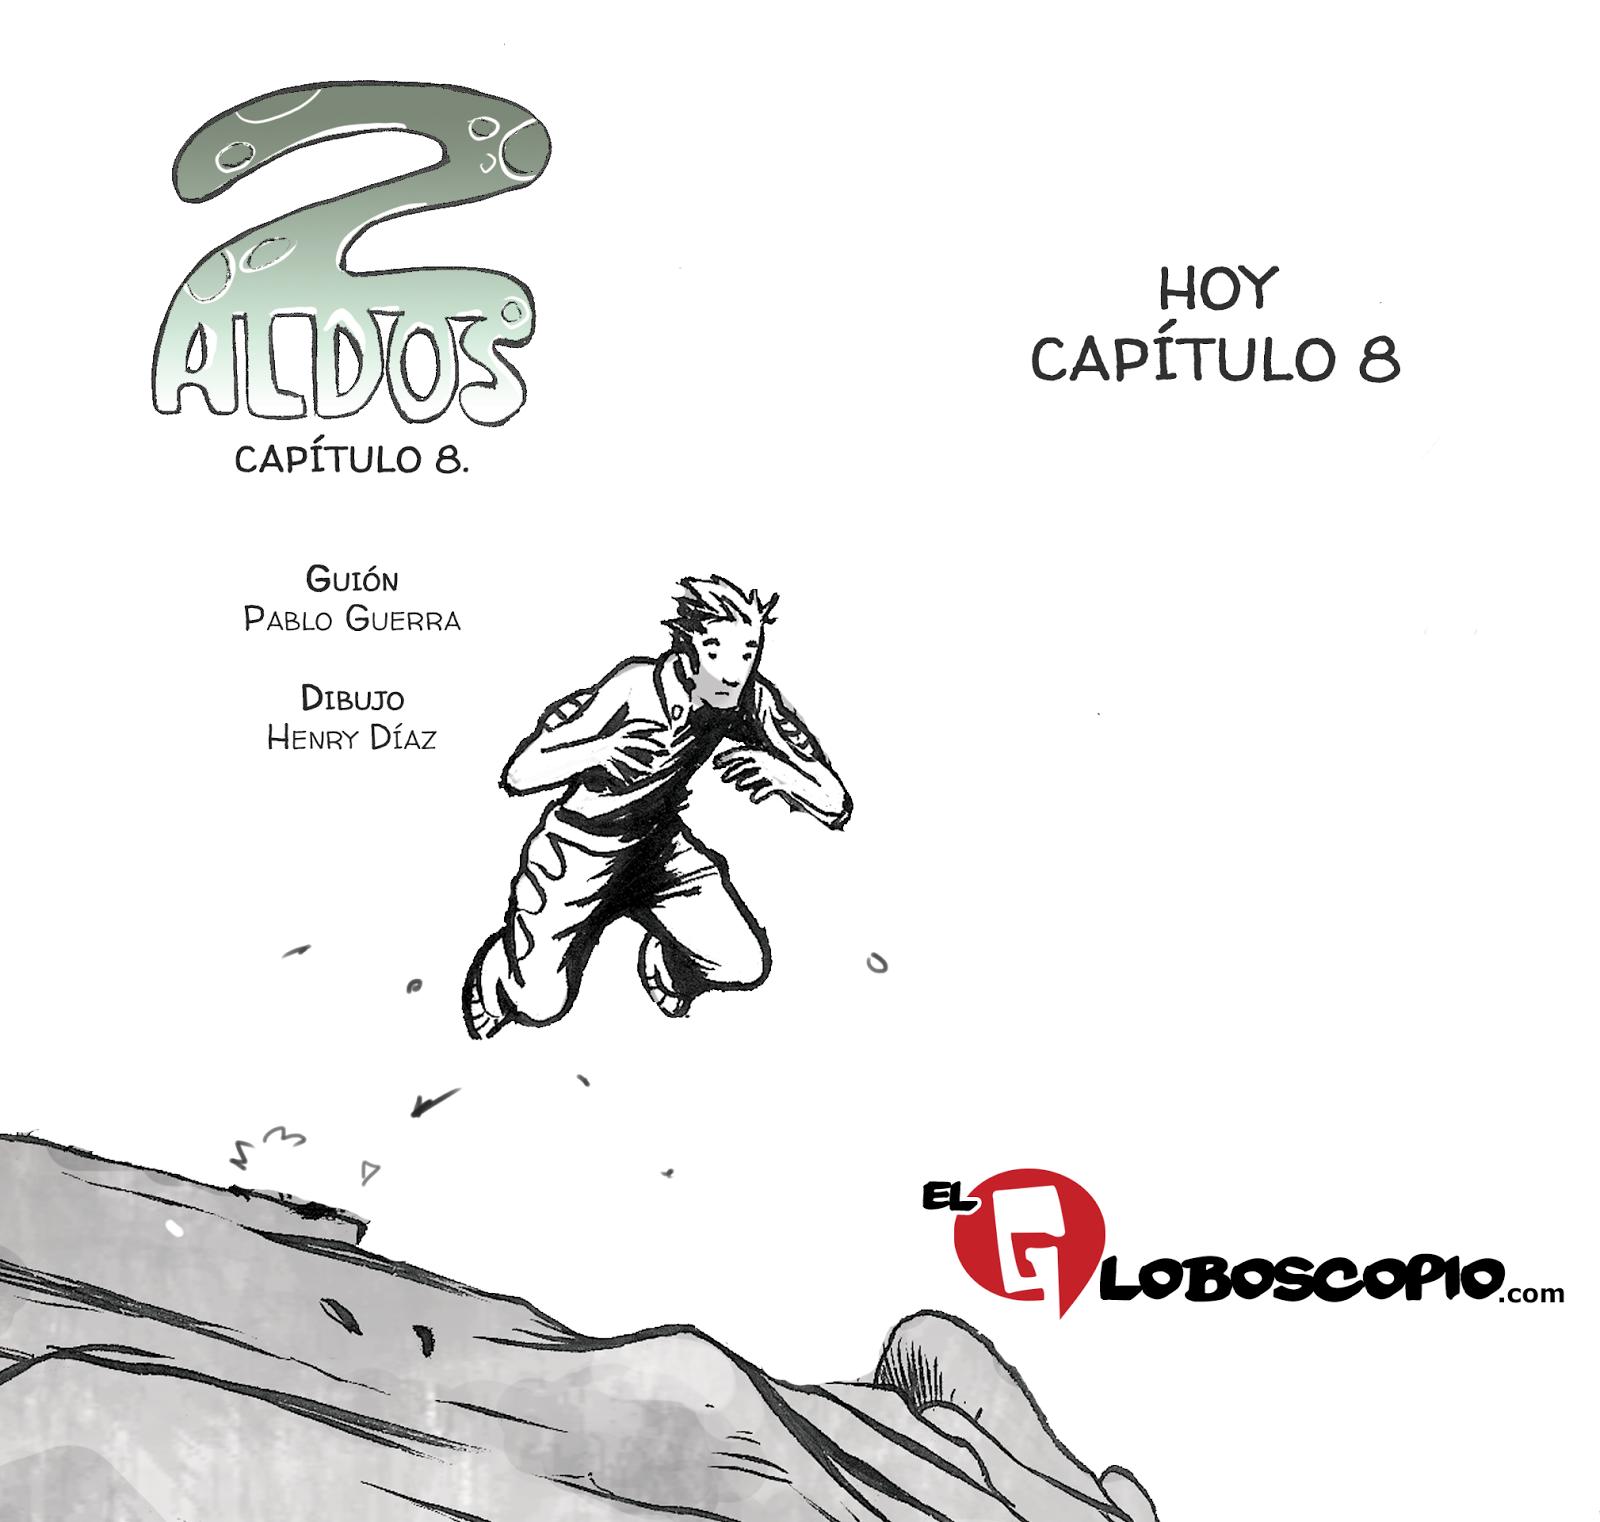 http://www.elgloboscopio.com/2015/02/dos-aldos-capitulo-8-de-pablo-guerra-y.html